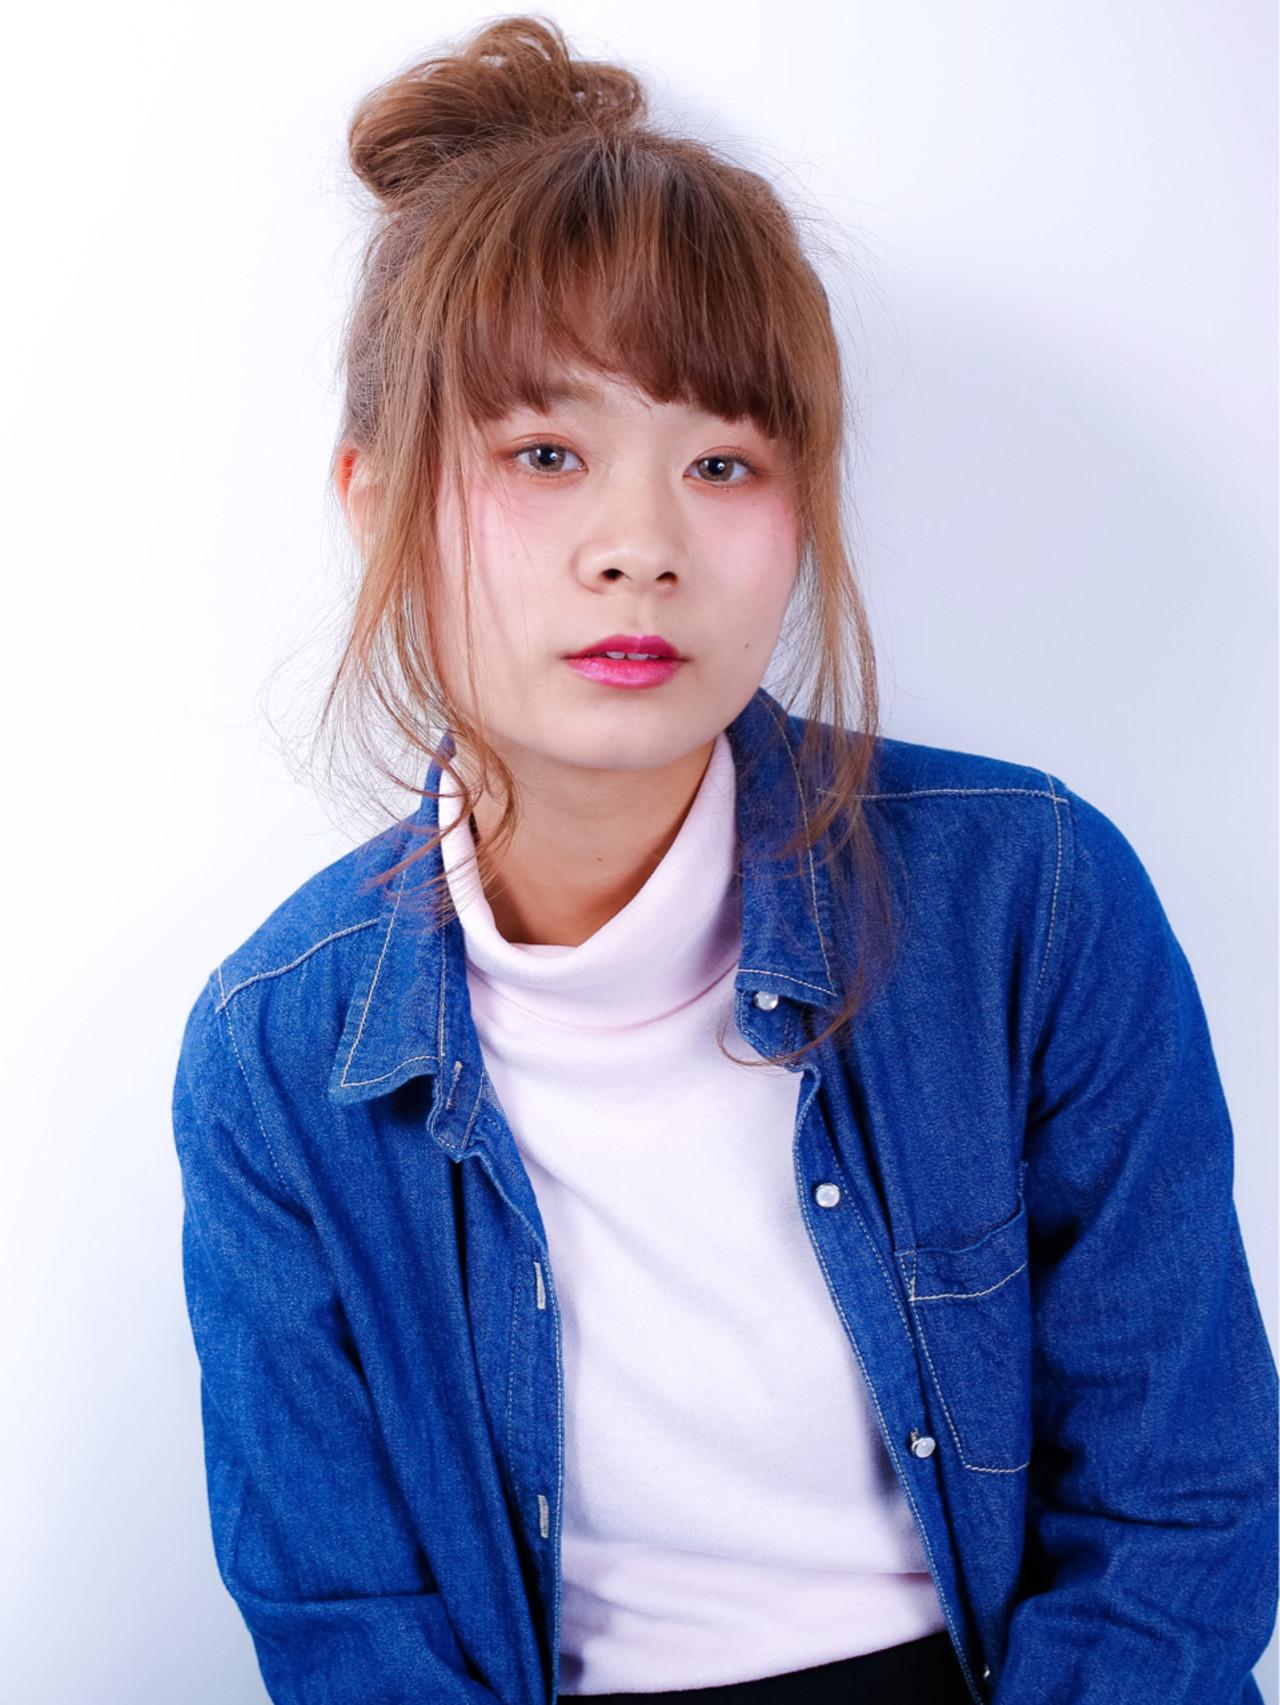 ミディアム 簡単ヘアアレンジ ショート アッシュ ヘアスタイルや髪型の写真・画像 | 小笠原 淳 / hair make No.8(ヘアメイクエイト)